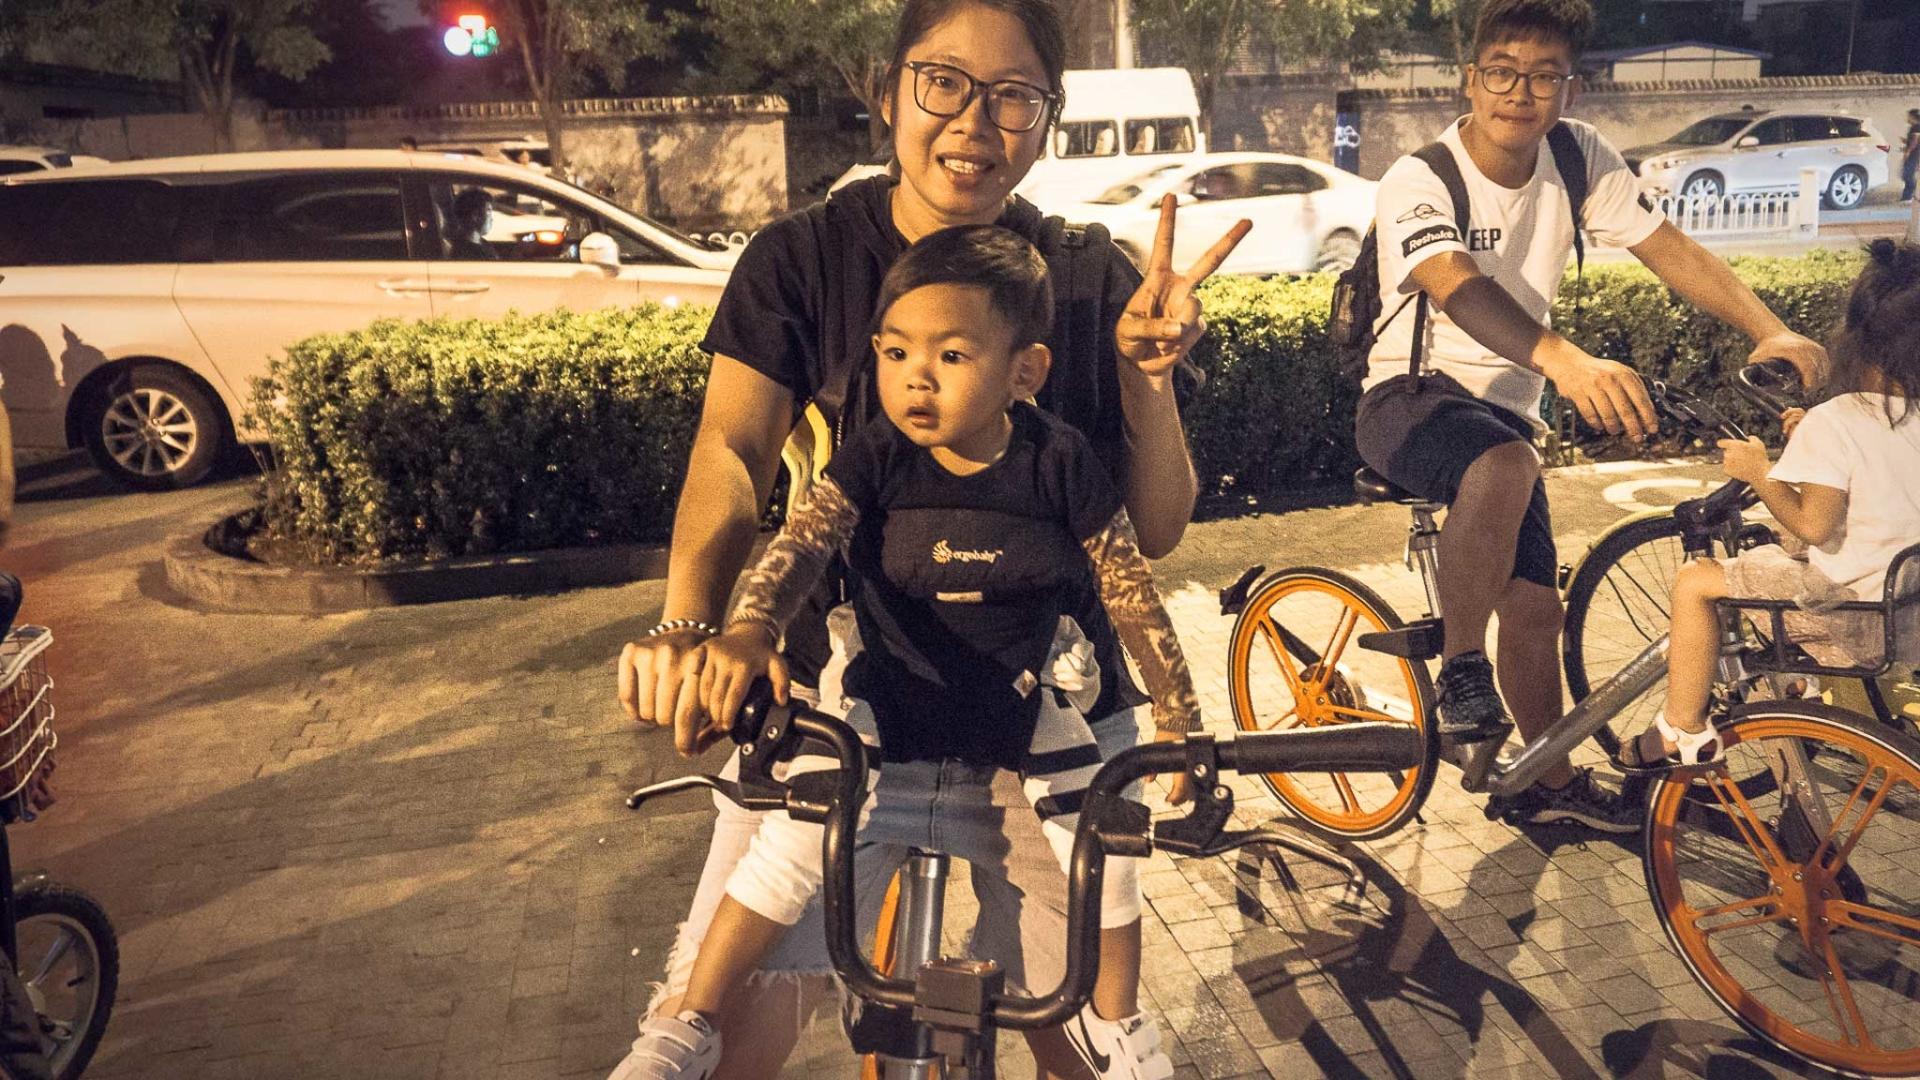 DSC00158_pechino_hutong_street_food_travel_psych_chiara_cina_china_29